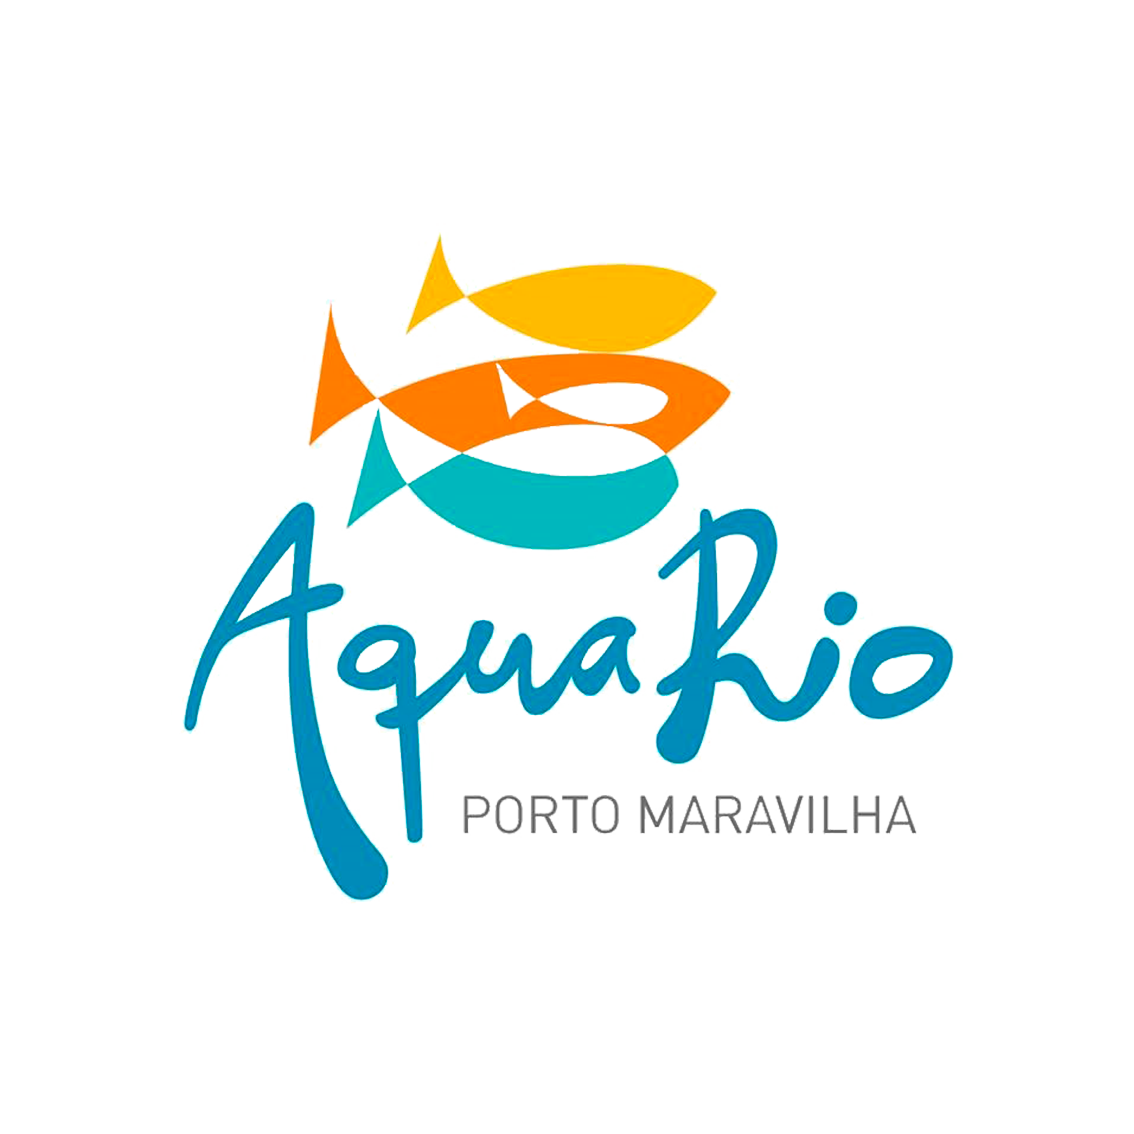 sessaoazul_logo-AquaRio